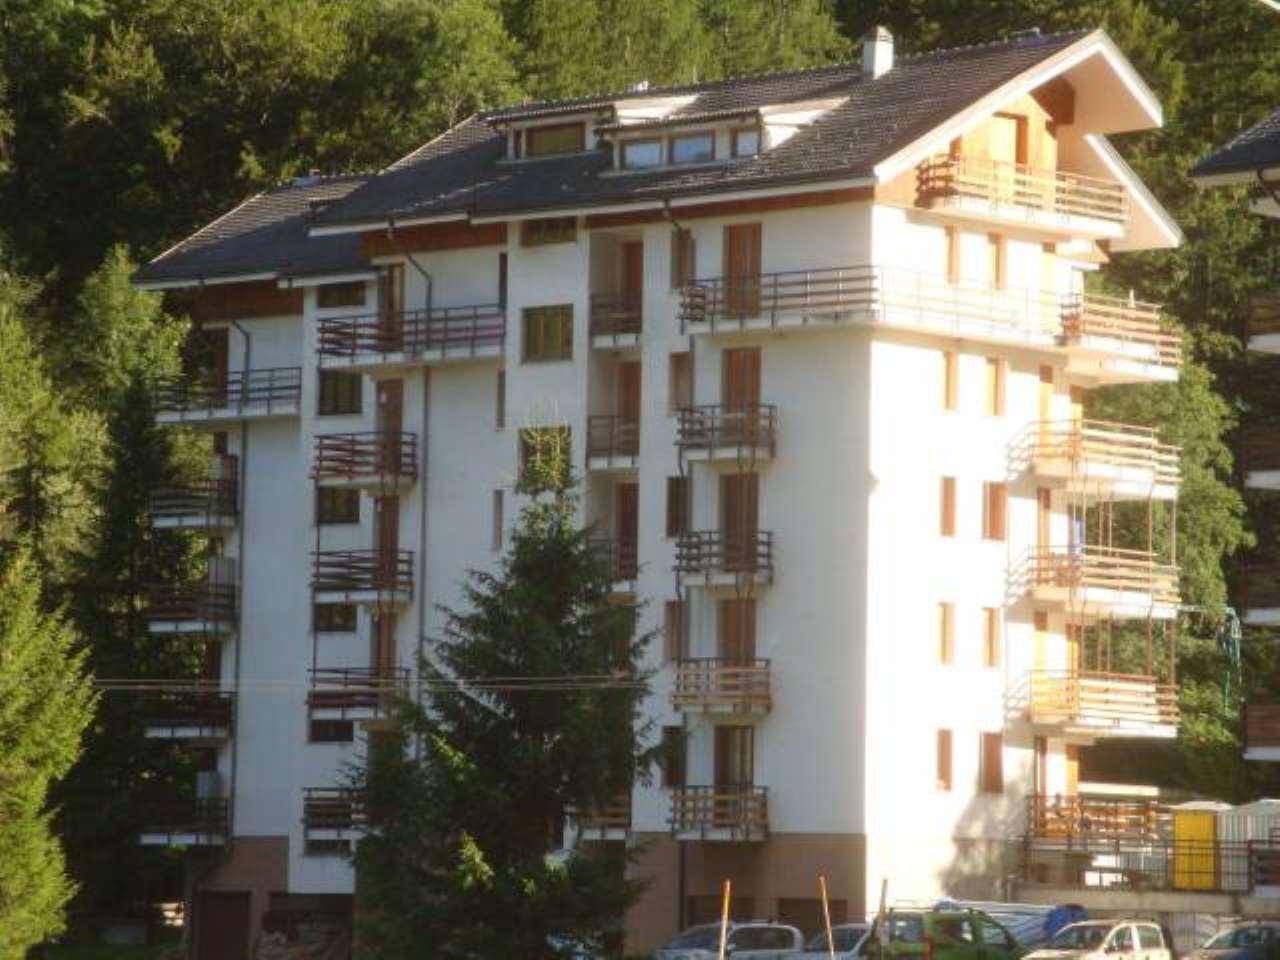 Appartamento in vendita a Balme, 3 locali, prezzo € 67.000 | CambioCasa.it